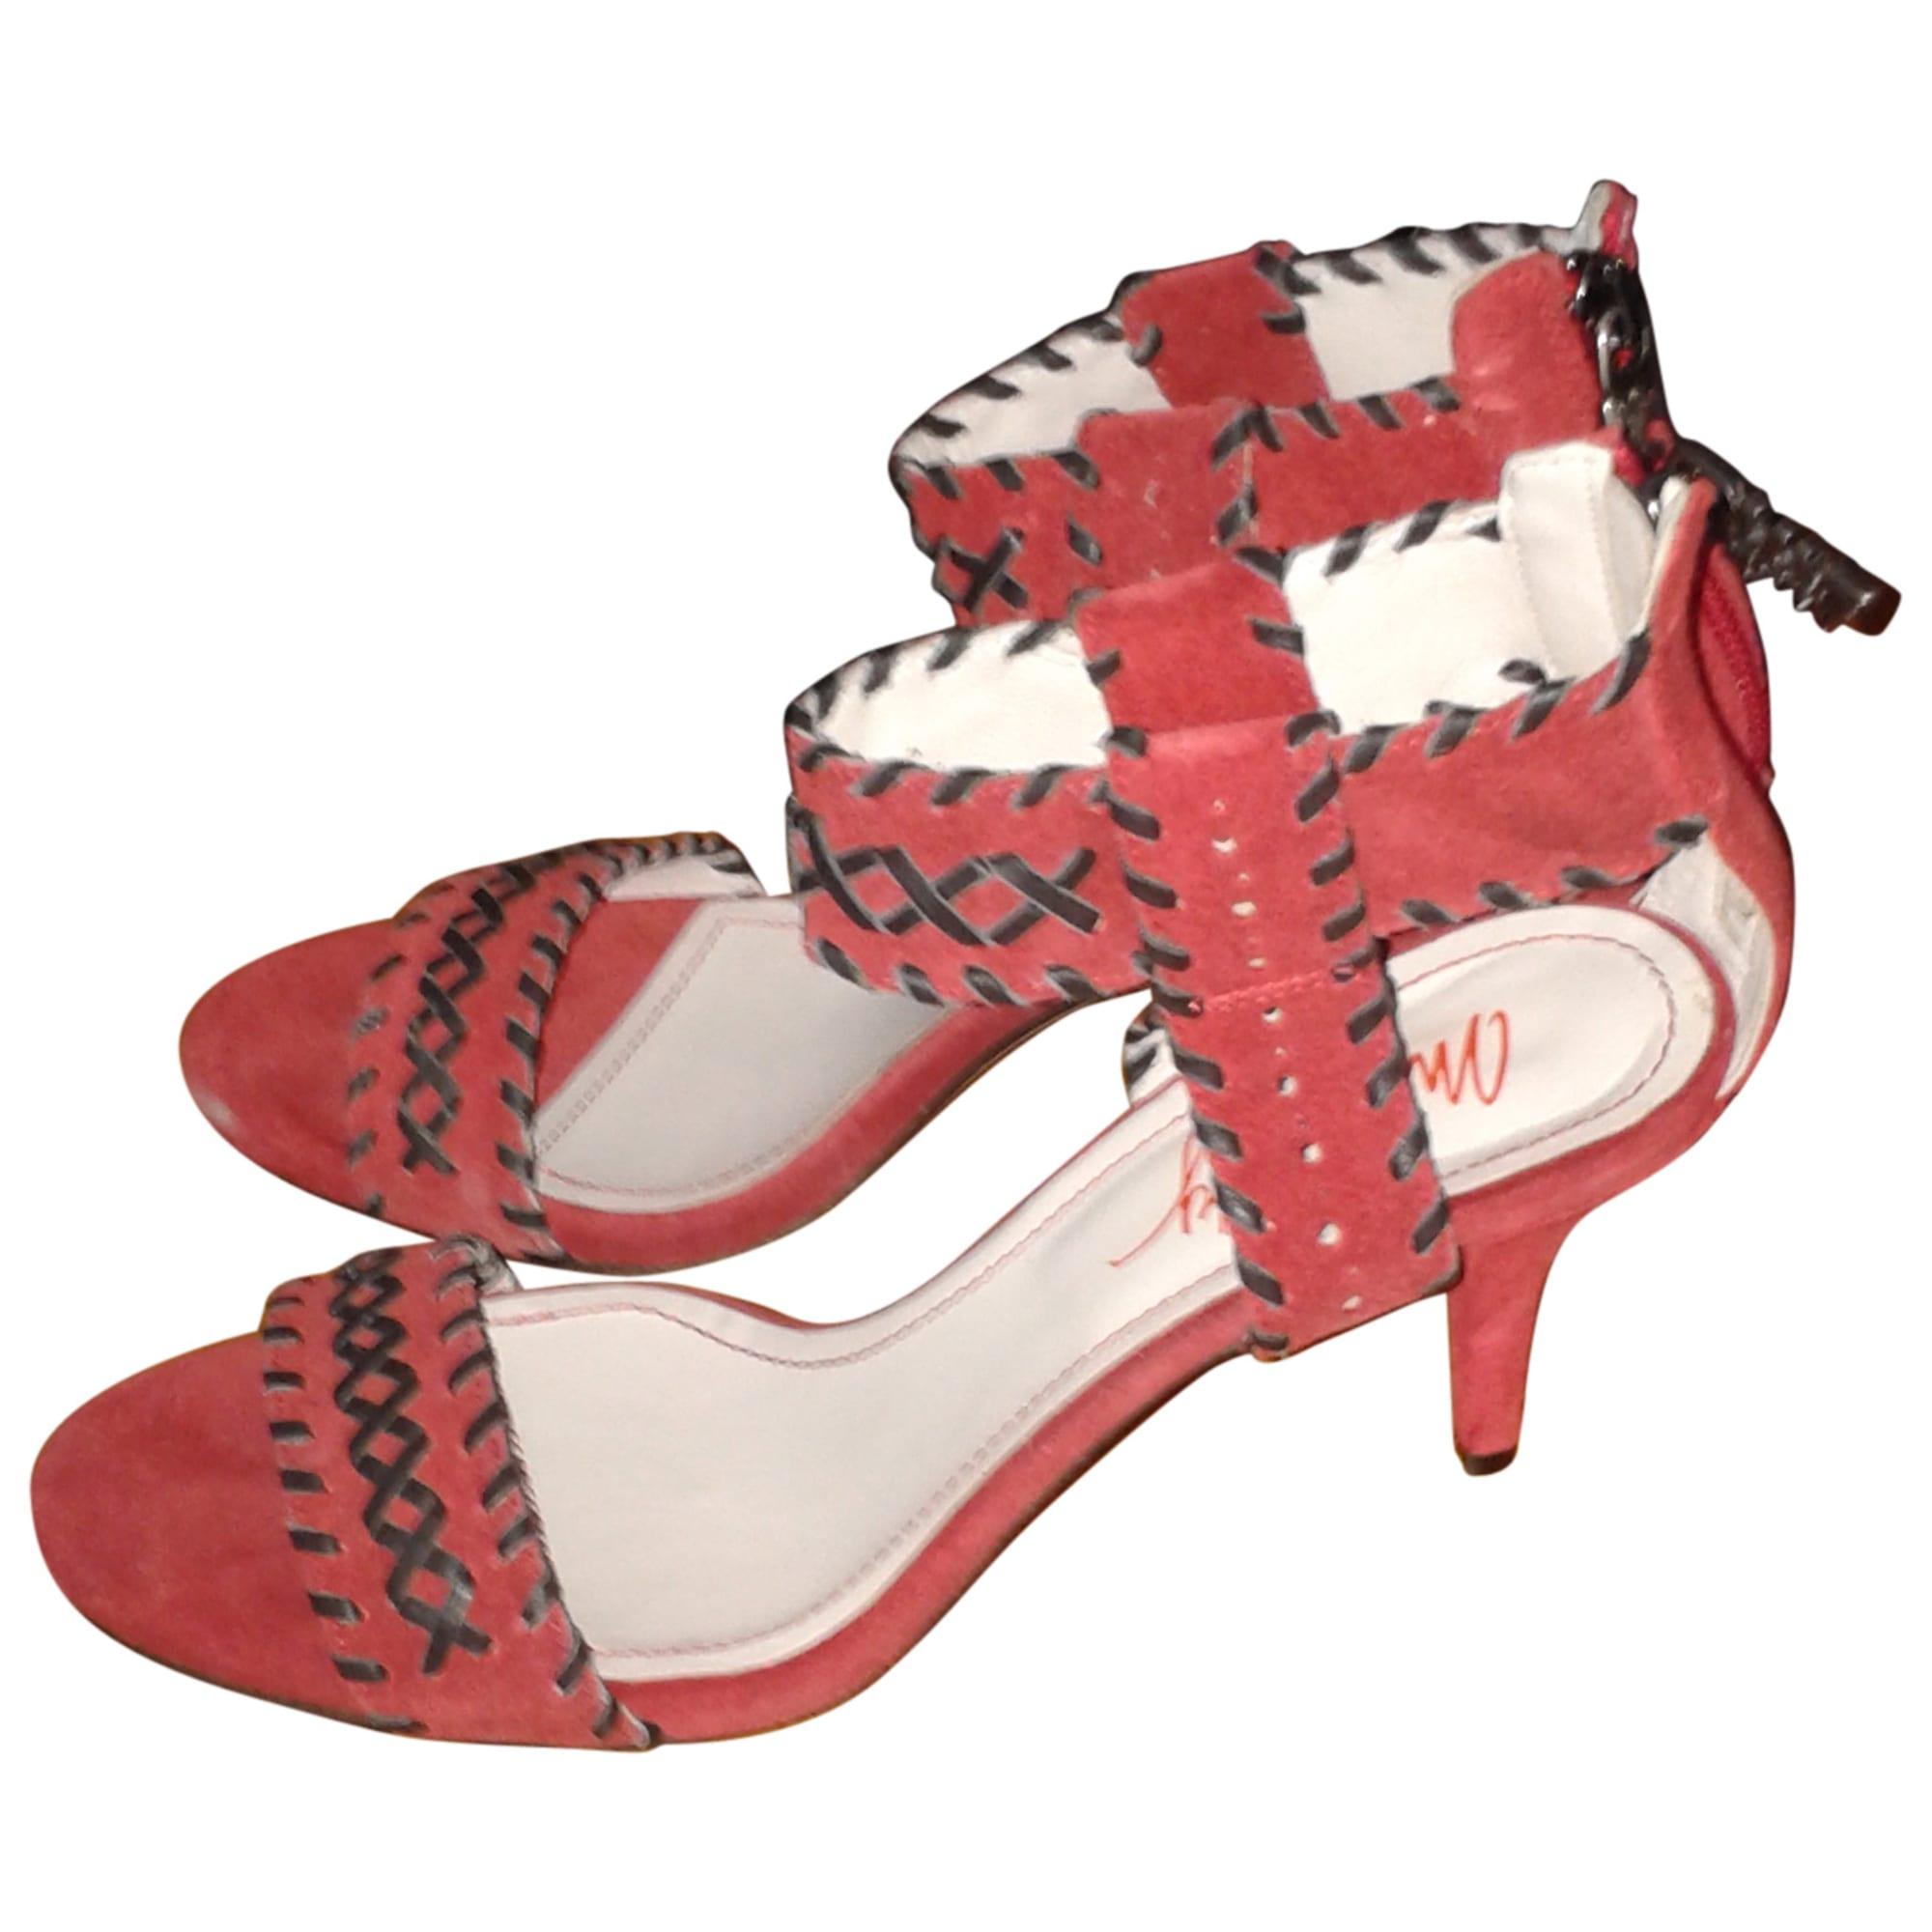 Sandales à talons MISS SIXTY Rouge, bordeaux